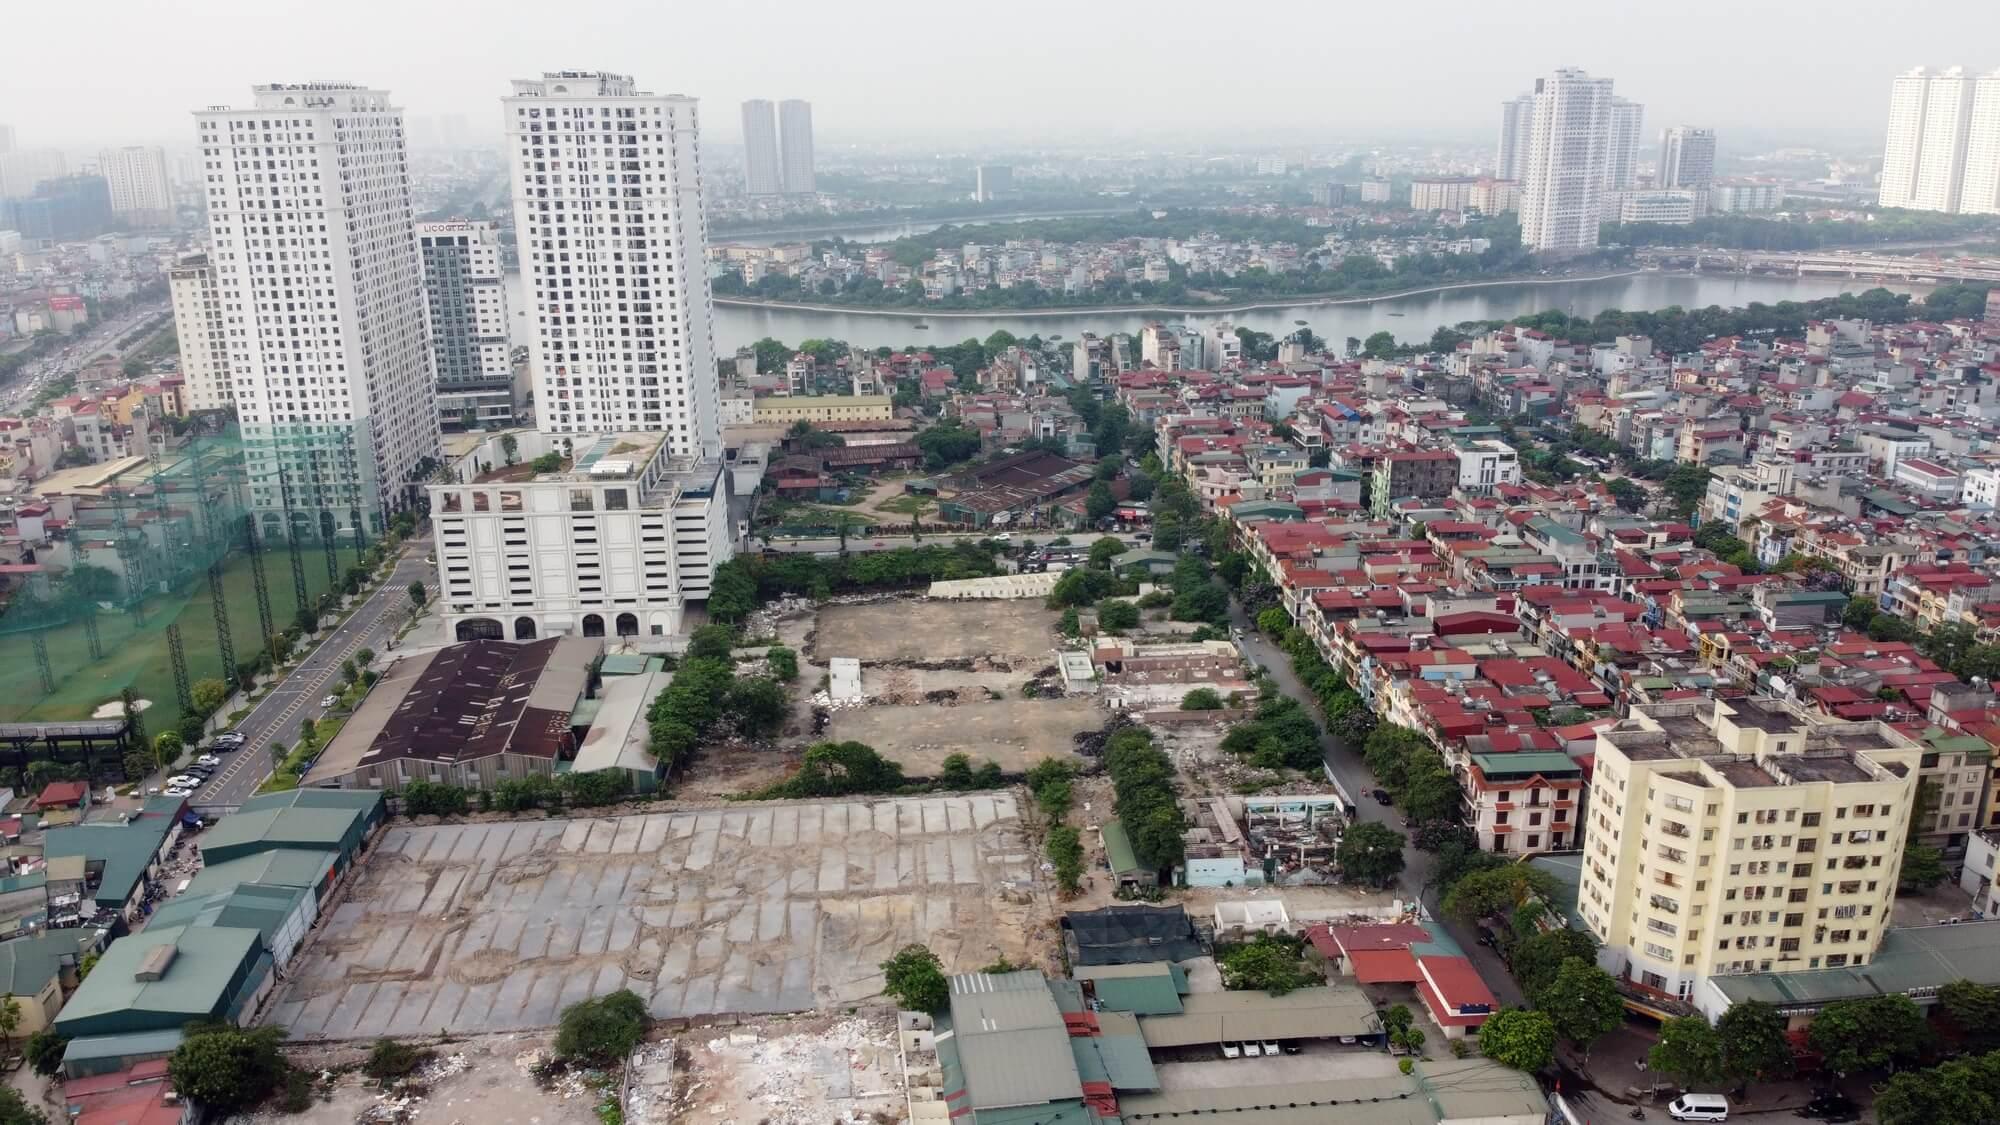 Nếu như dự án xây dựng TTTM Aeon Mall và bãi đỗ xe được phê duyệt thì đây là dự án có vốn đầu tư lớn nhất của Aeon tại Việt Nam.